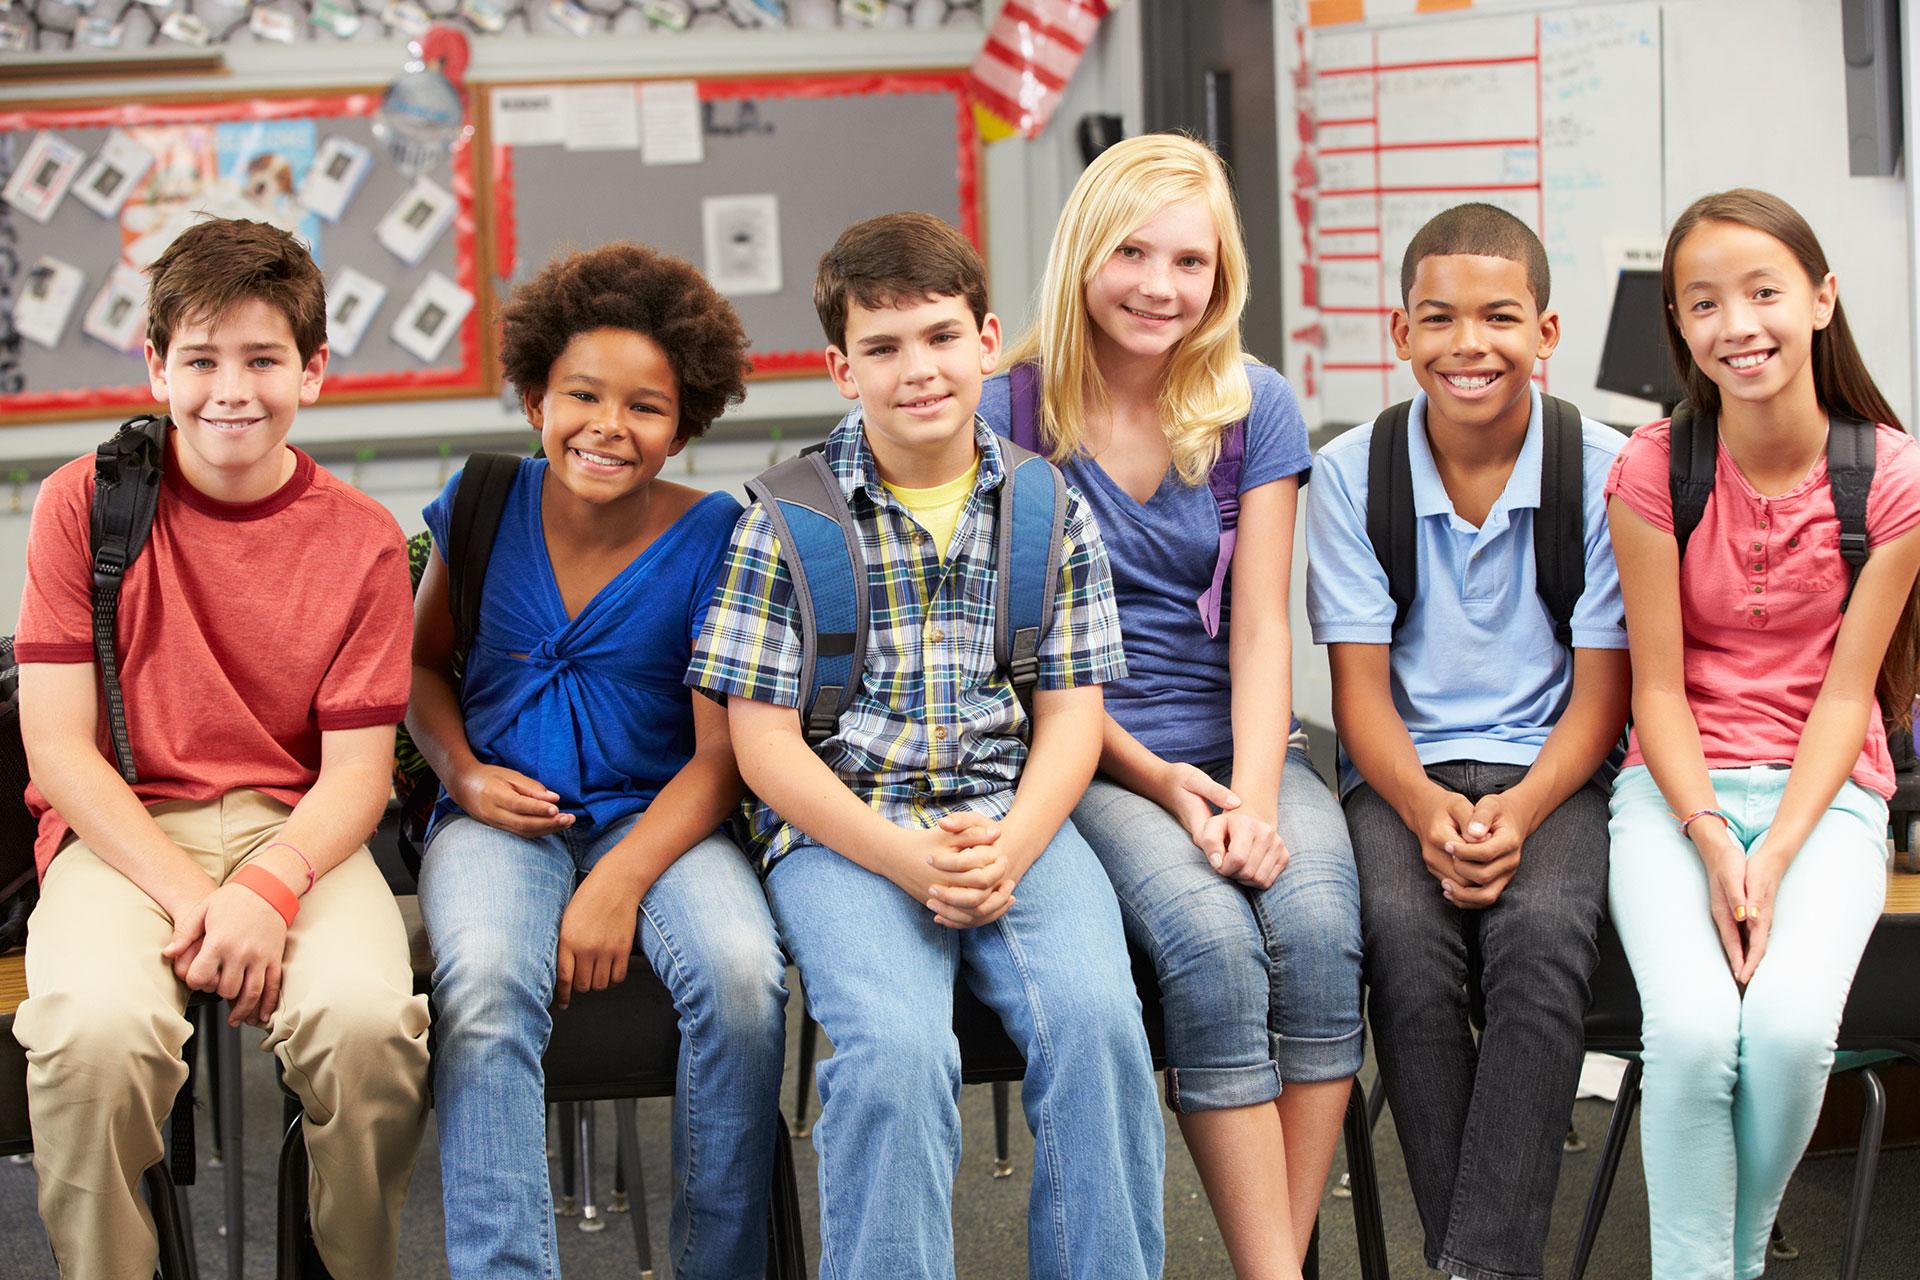 schoolage_kids